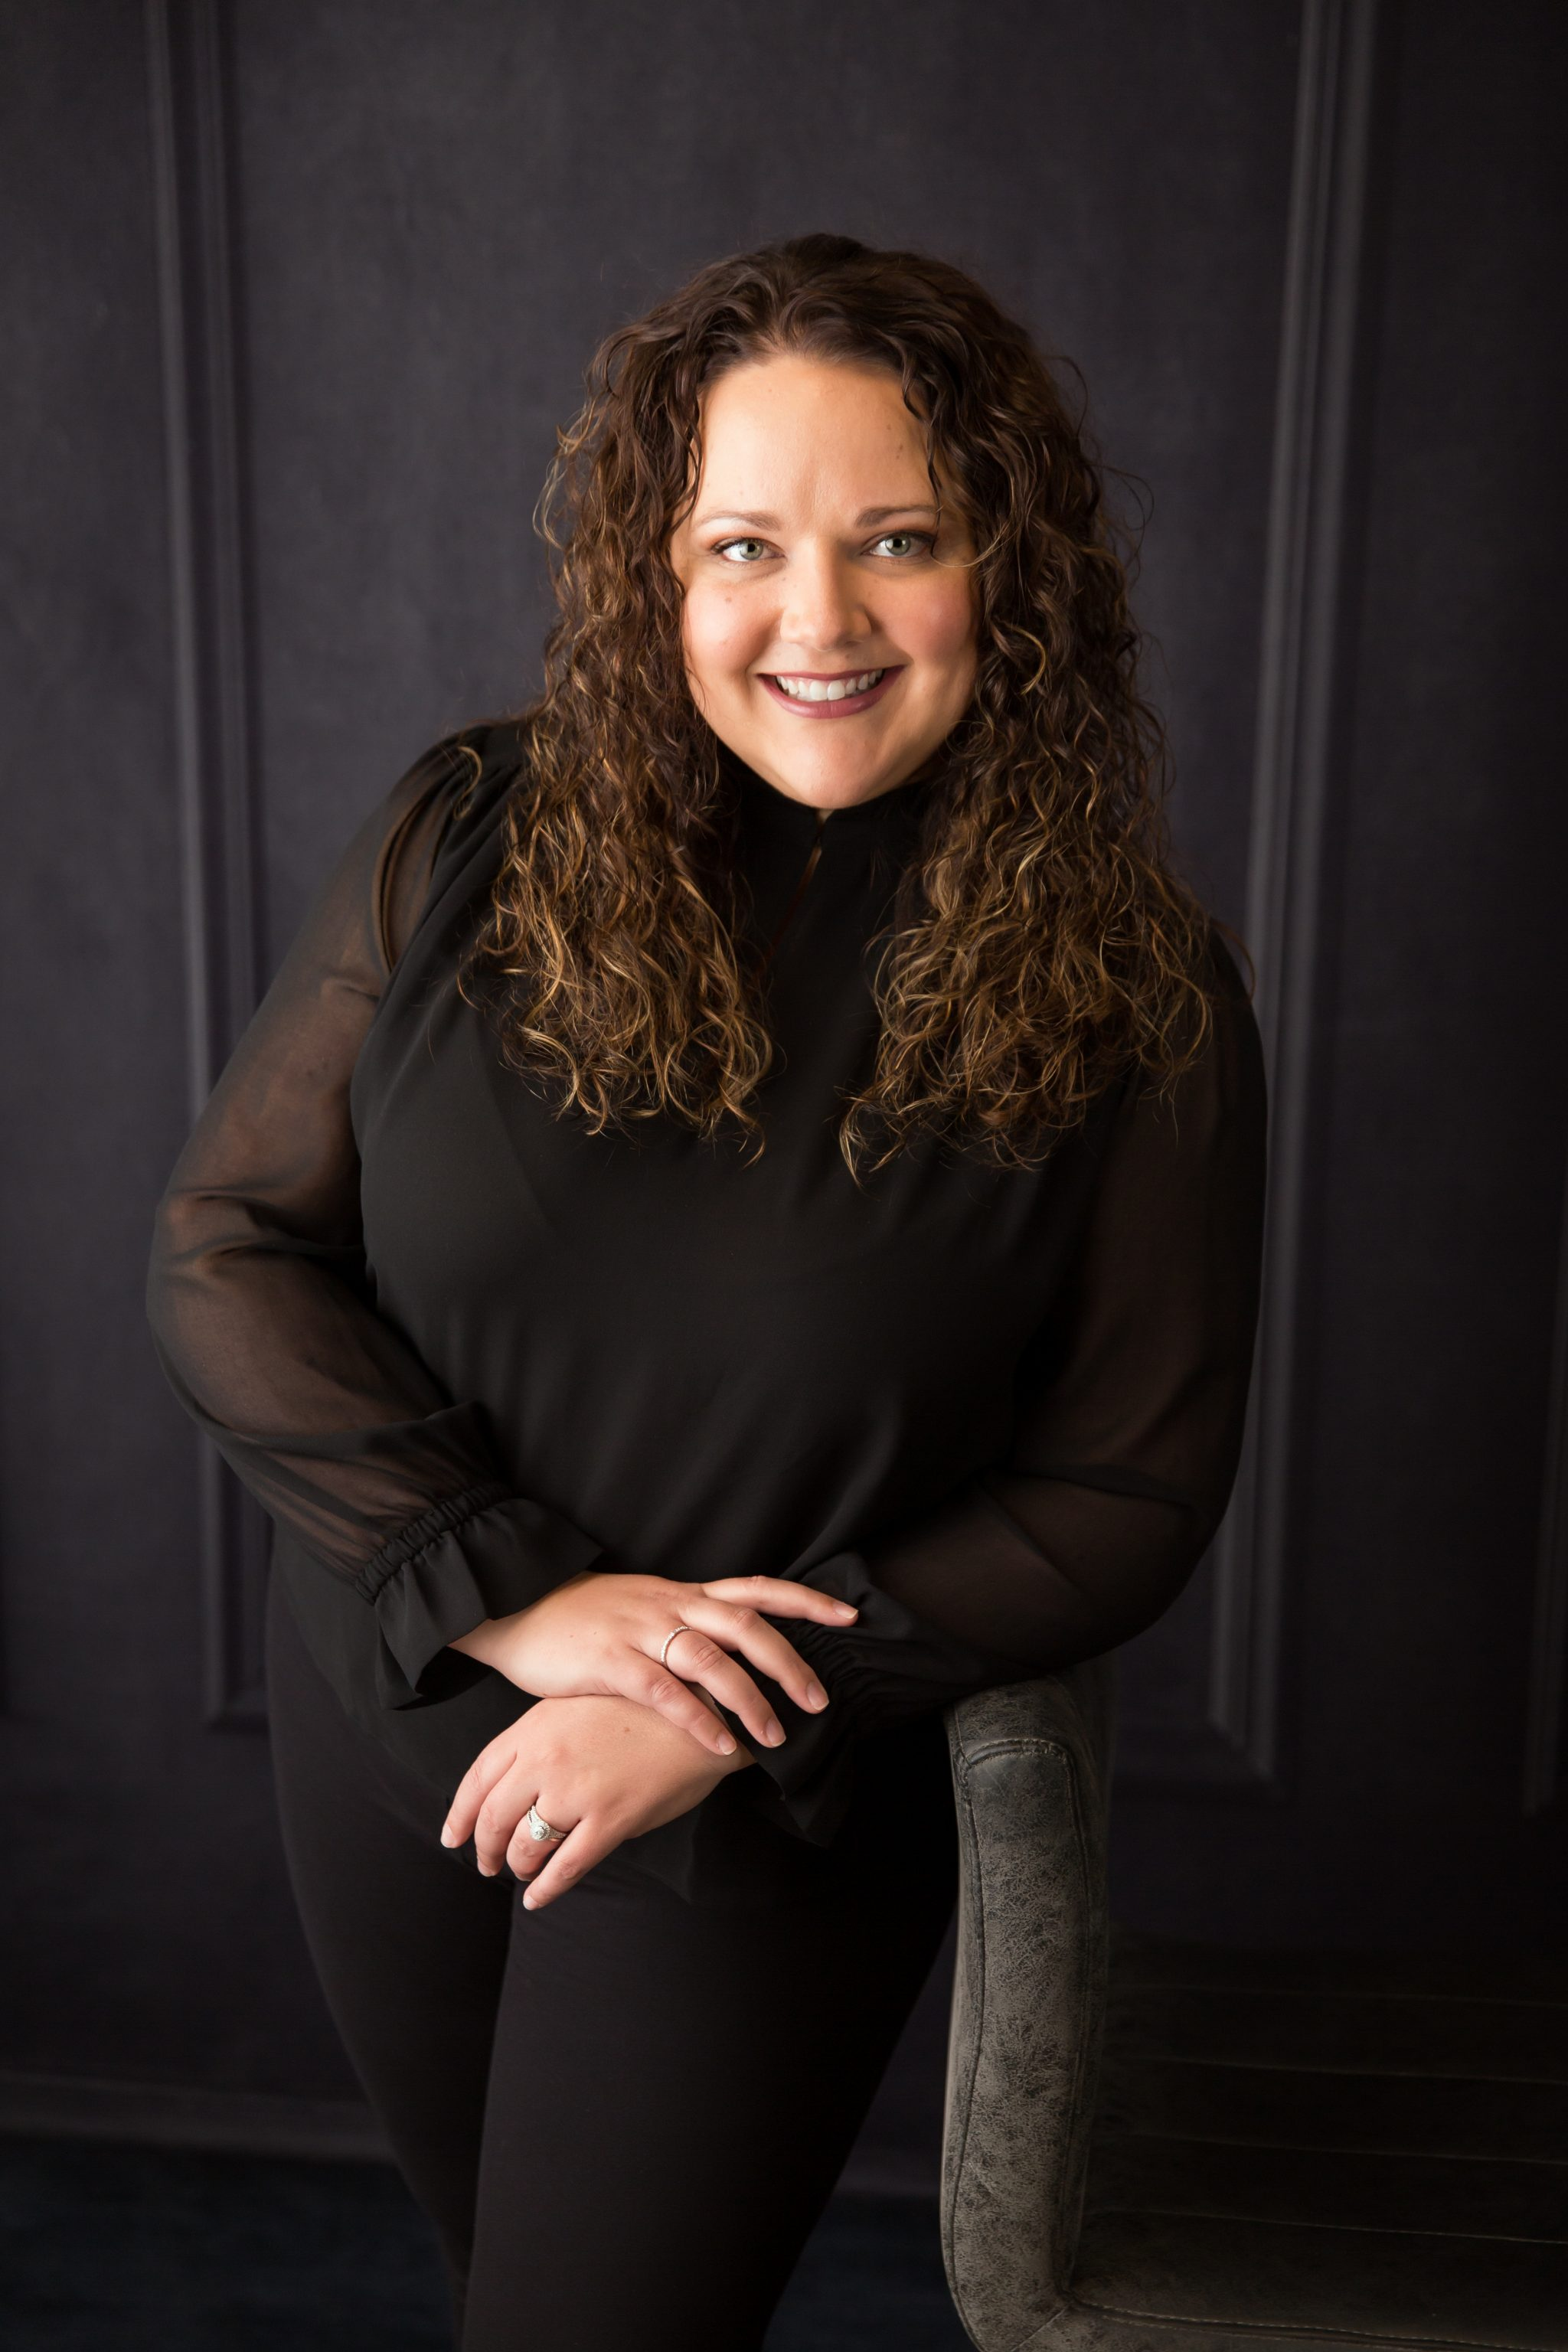 Amanda Leddige : Owner/Audiologist